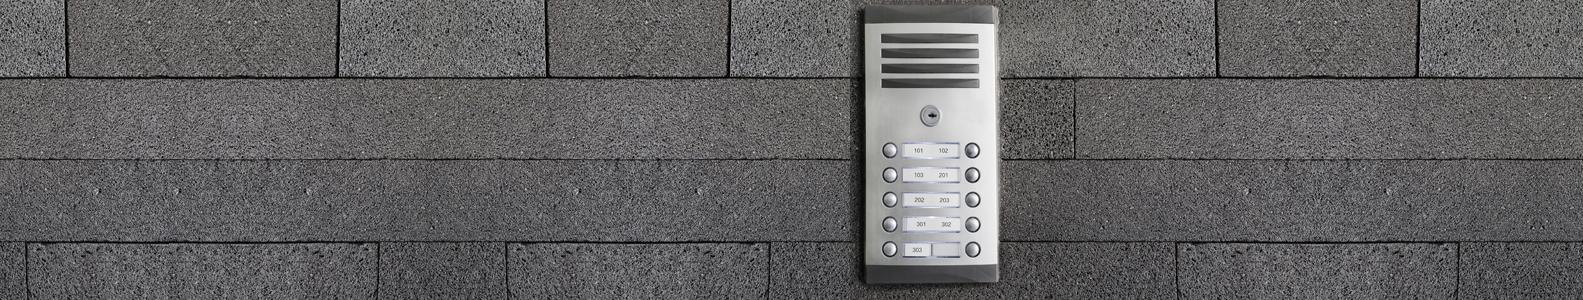 Domofonai  Profesionalūs sprendimai  ieškantiems įėjimo kontrolės sistemų